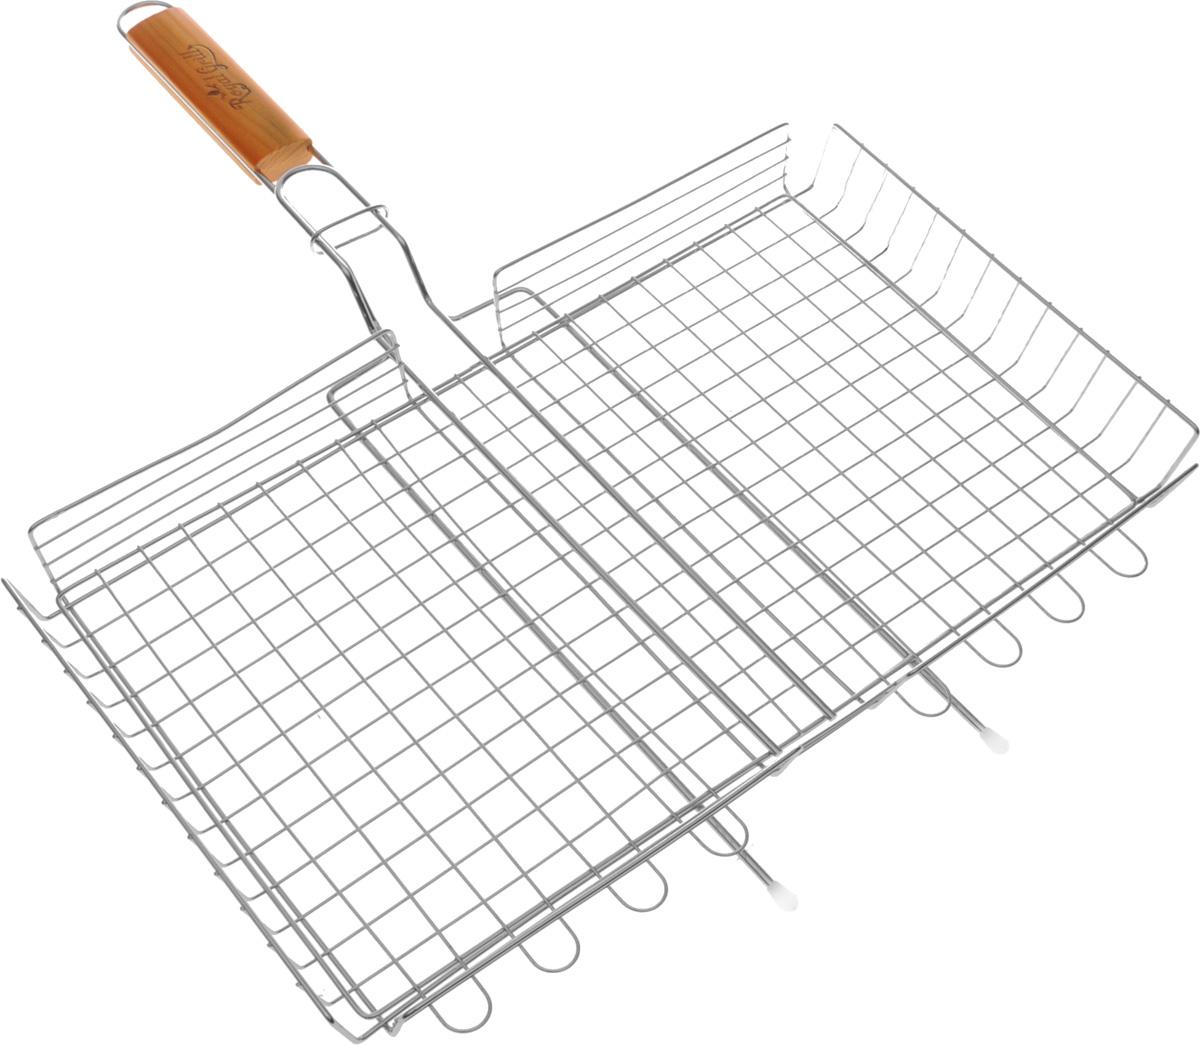 Решетка-гриль RoyalGrill BBQ time, глубокая, 45 х 25 см391602Глубокая решетка-гриль RoyalGrill изготовлена из высококачественной пищевой стали, а рукоятка выполнена из дерева. Верхний сегмент решетки фиксируется с помощью кольца на ручке. Решетка предназначена для приготовления овощей и крупных кусков мяса, птицы, рыбы. Надежная конструкция удобна в использовании. Размер решетки: 45 х 25 х 5 см. Длина (с ручкой): 57 см.